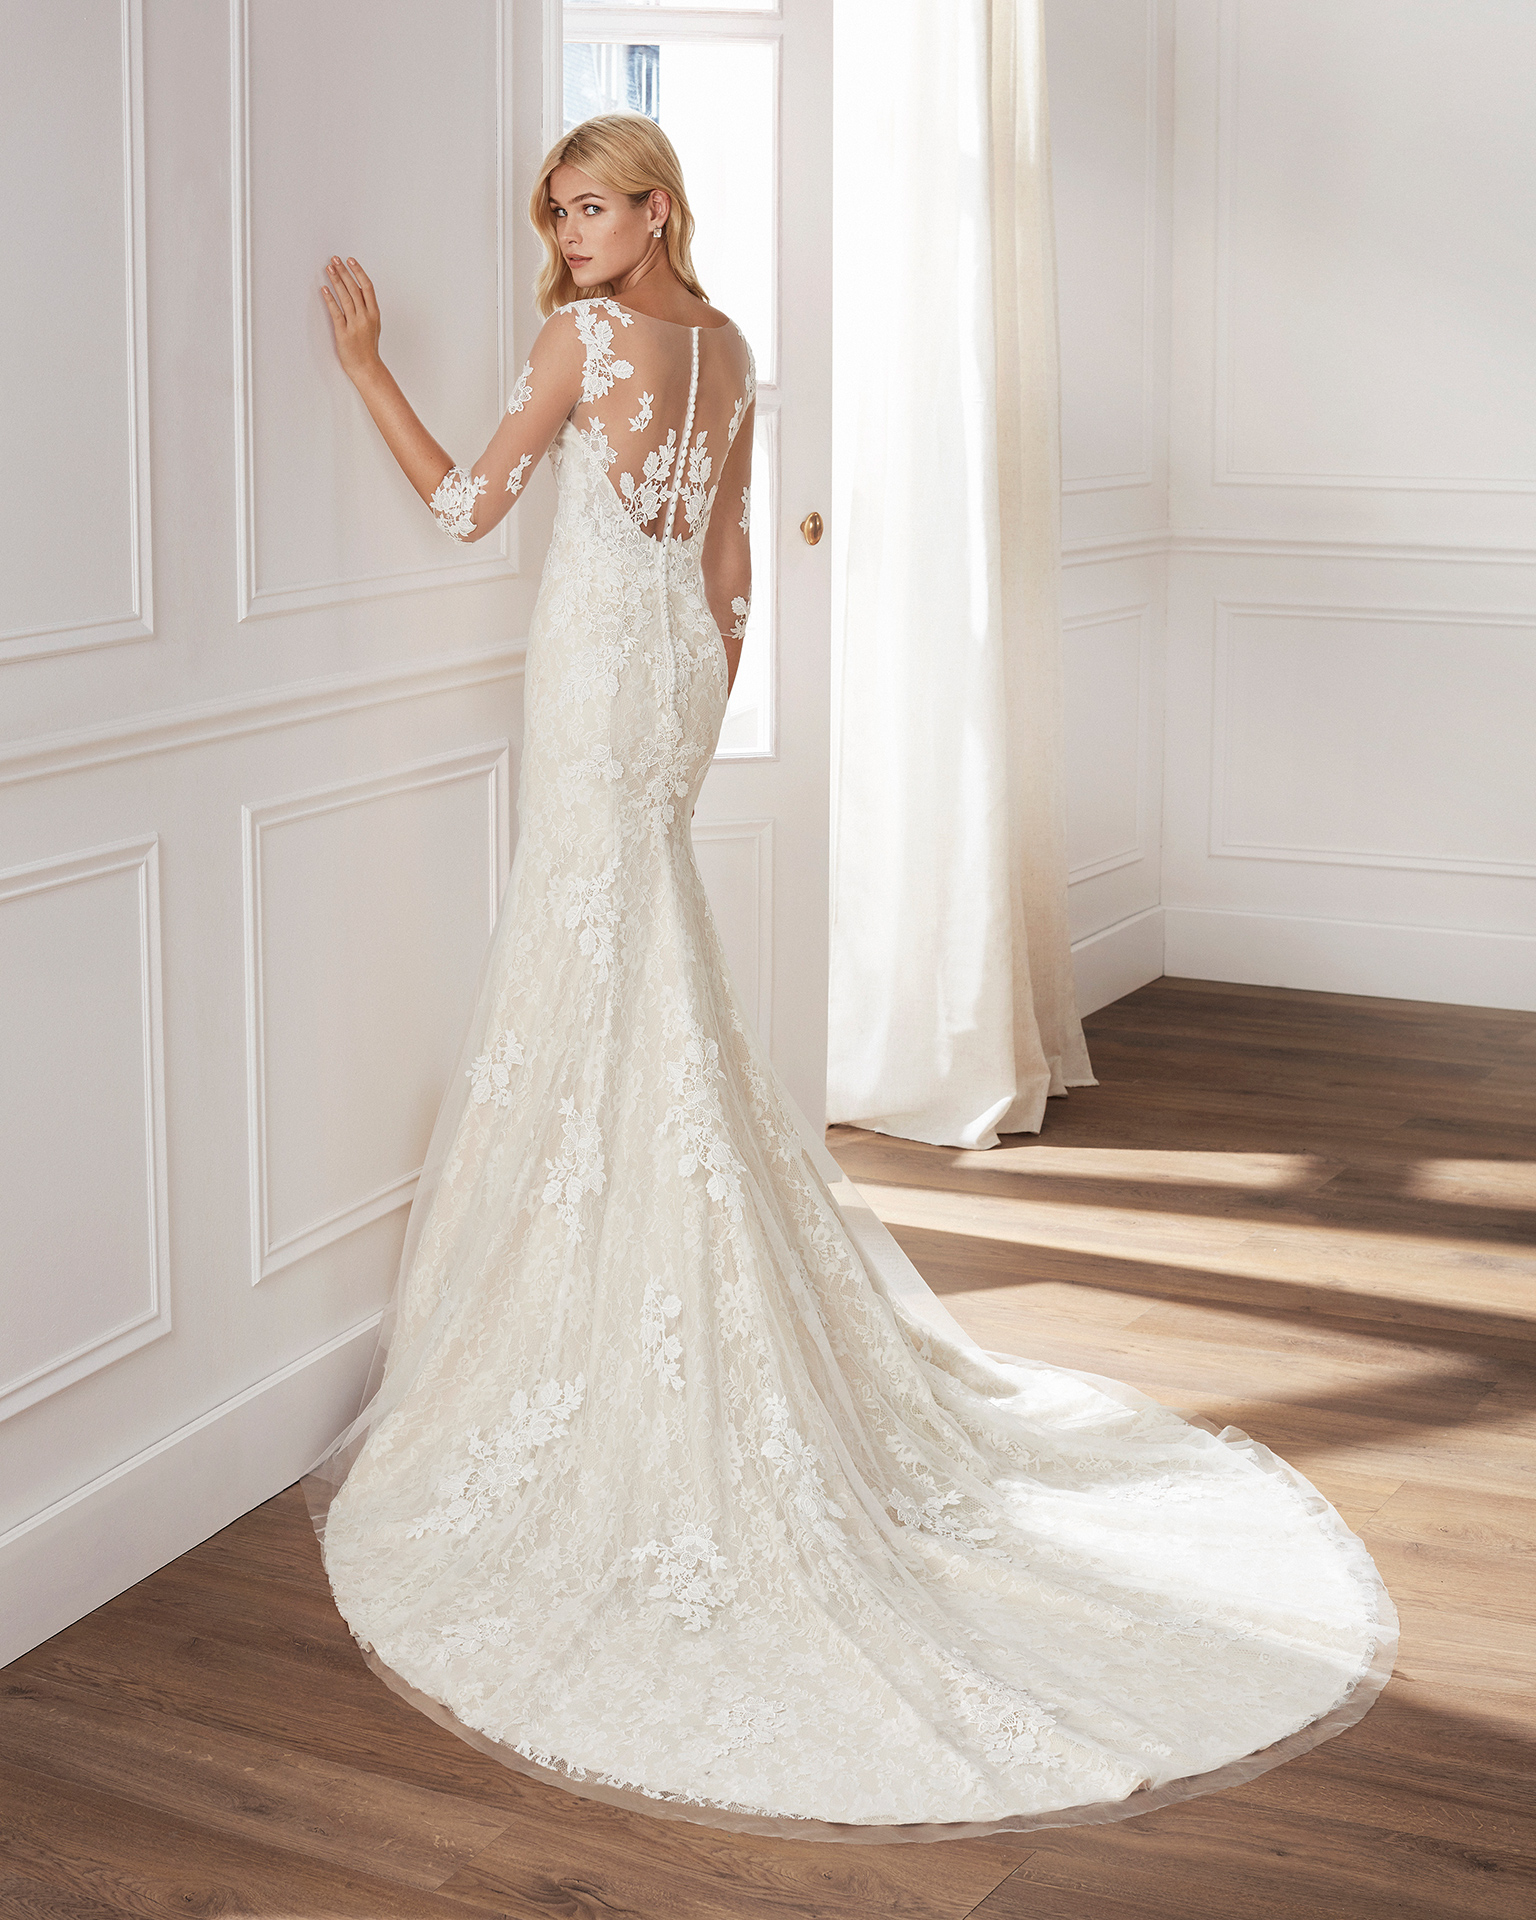 Vestido de novia corte sirena de encaje. Escote en V, manga larga de tul y falda de aplicaciones. Disponible en color natural y natural/champagne. Colección  2019.